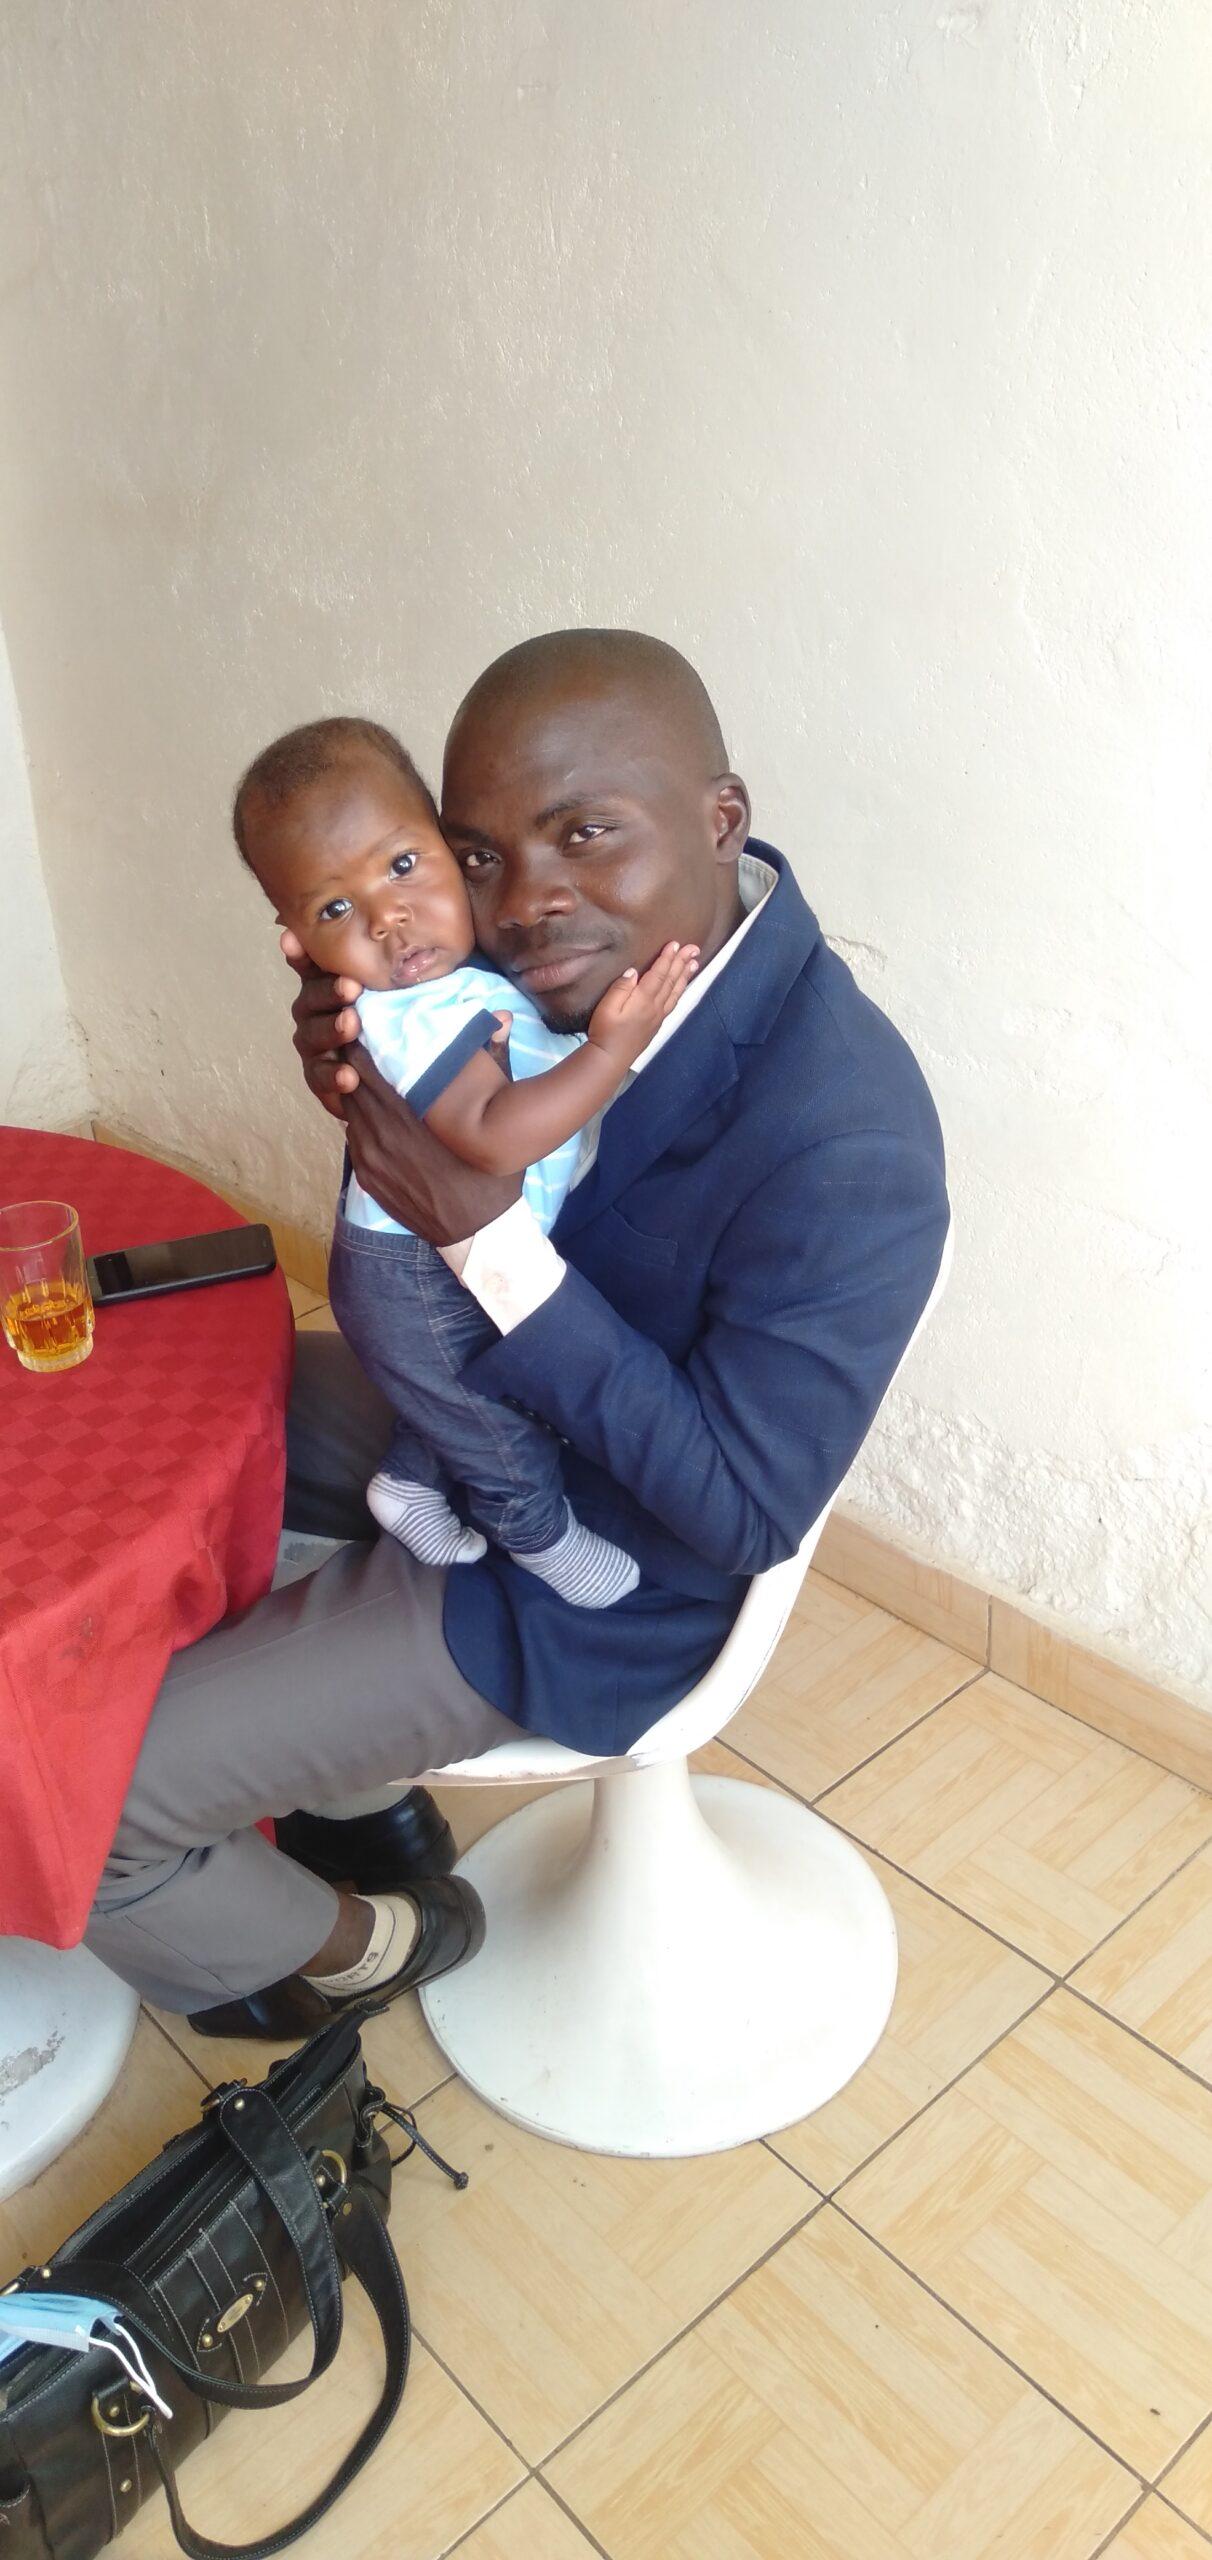 Nelsons Holidays Kenya, Nelson Owuor, Kisumu, Kenya